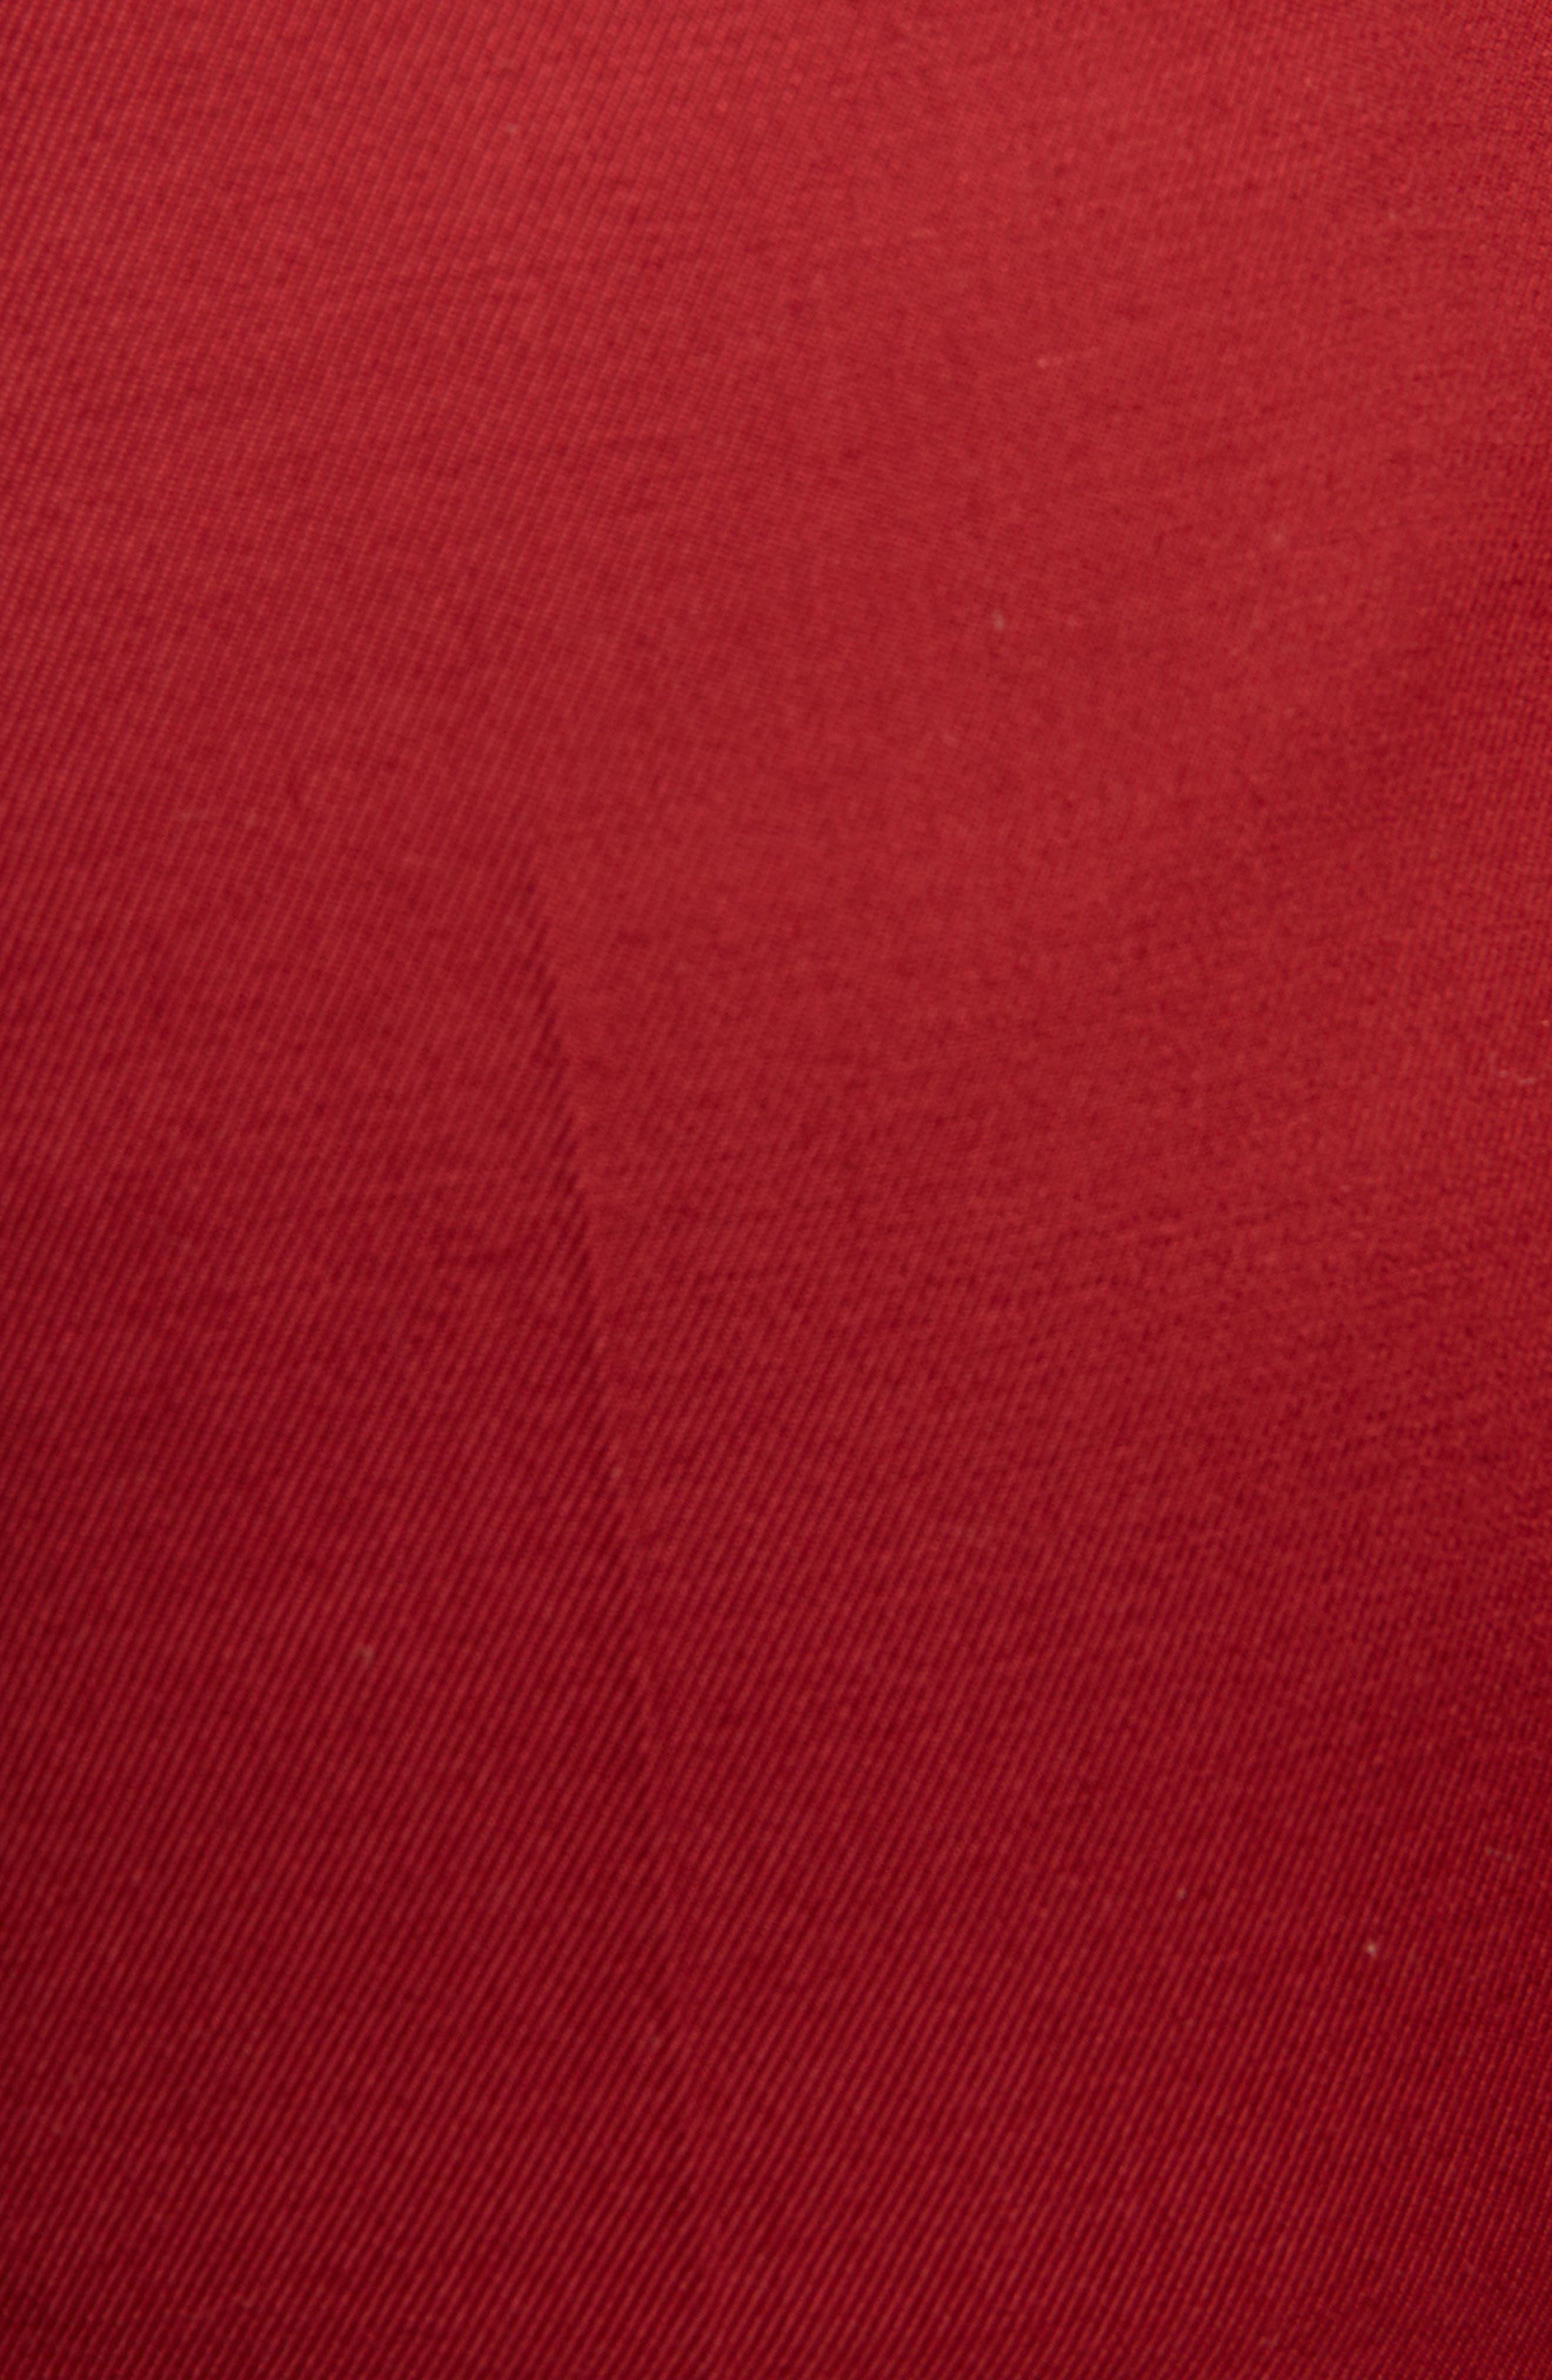 Tohny Suit Pants,                             Alternate thumbnail 6, color,                             Crimson Red